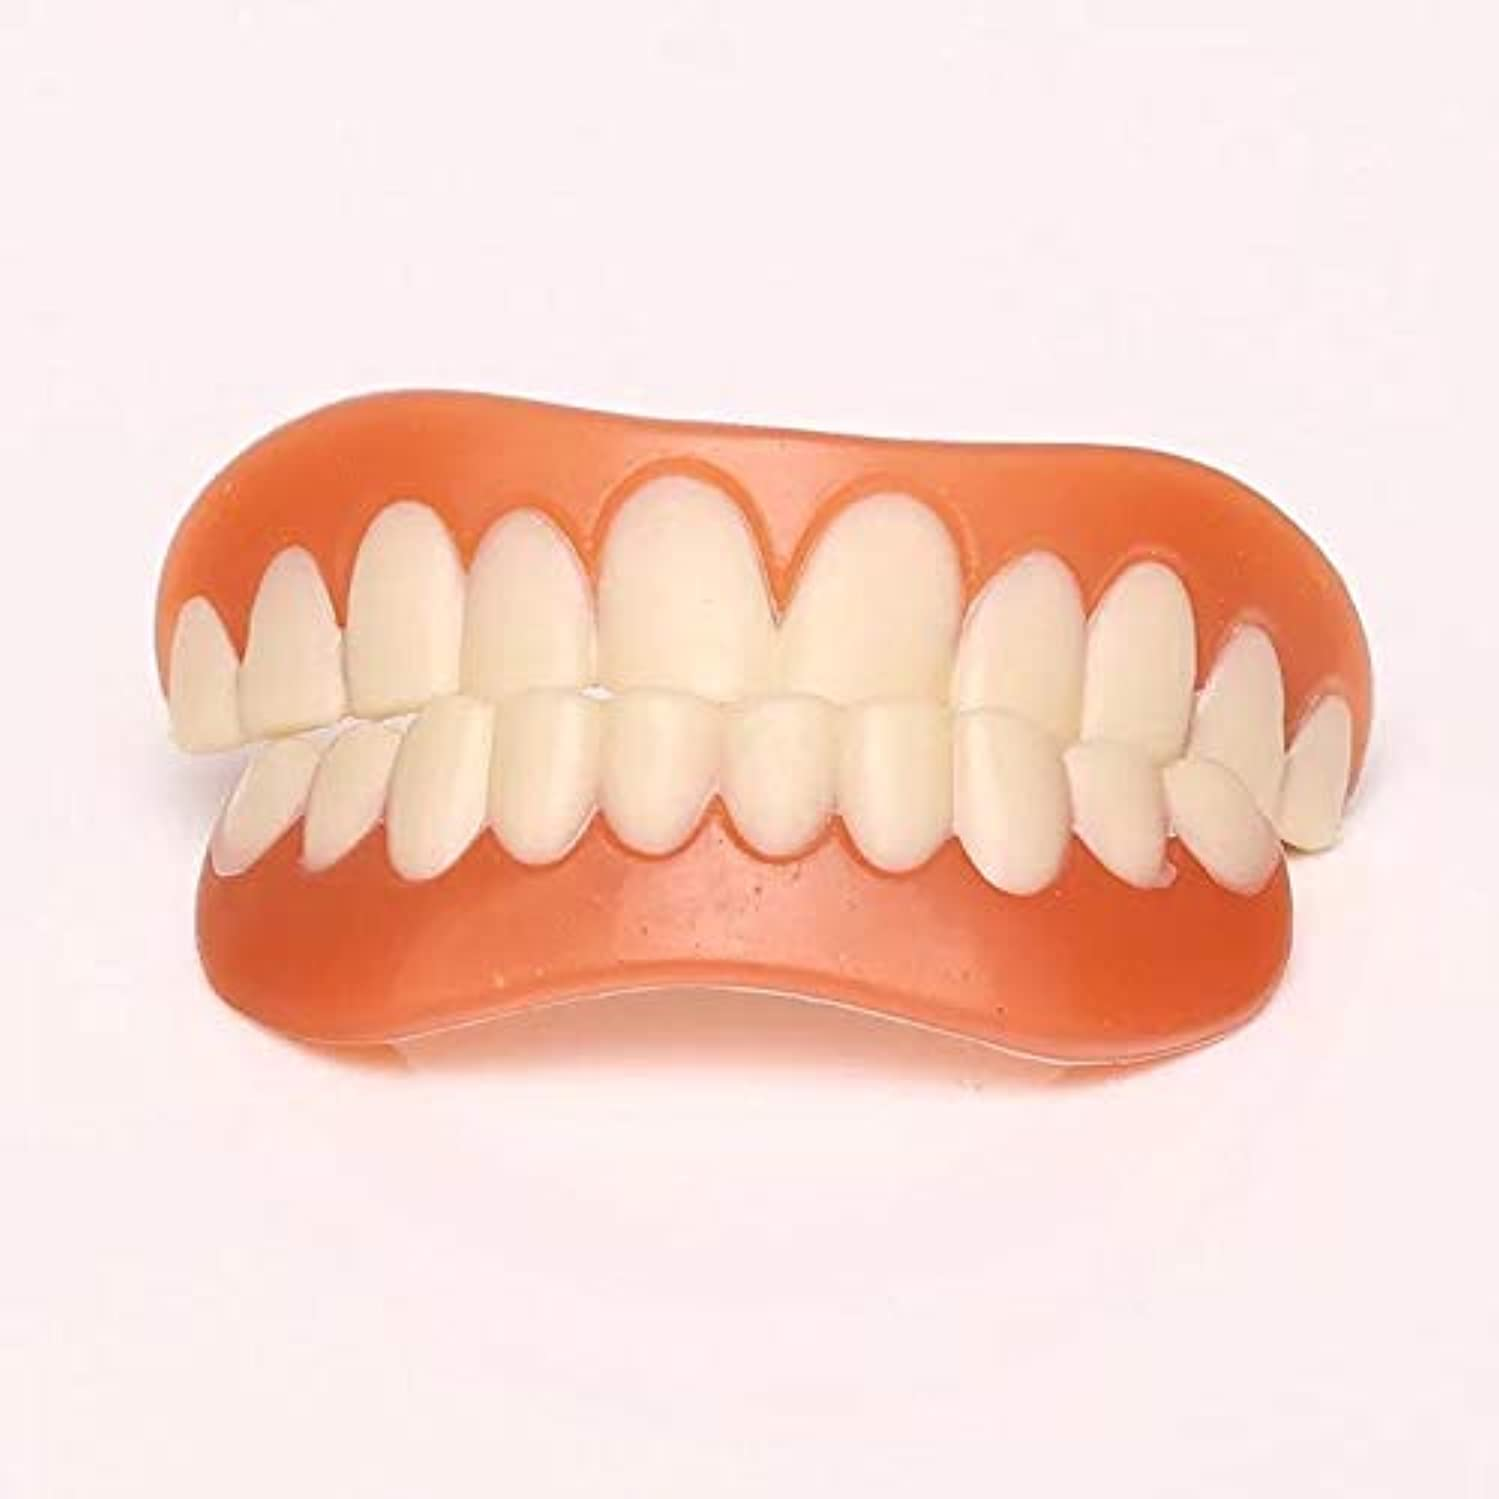 午後ダッシュクラウンシリコーンシミュレーション歯の義歯スリーブ、上下列ホワイトニング歯ステッカー(1セット),A